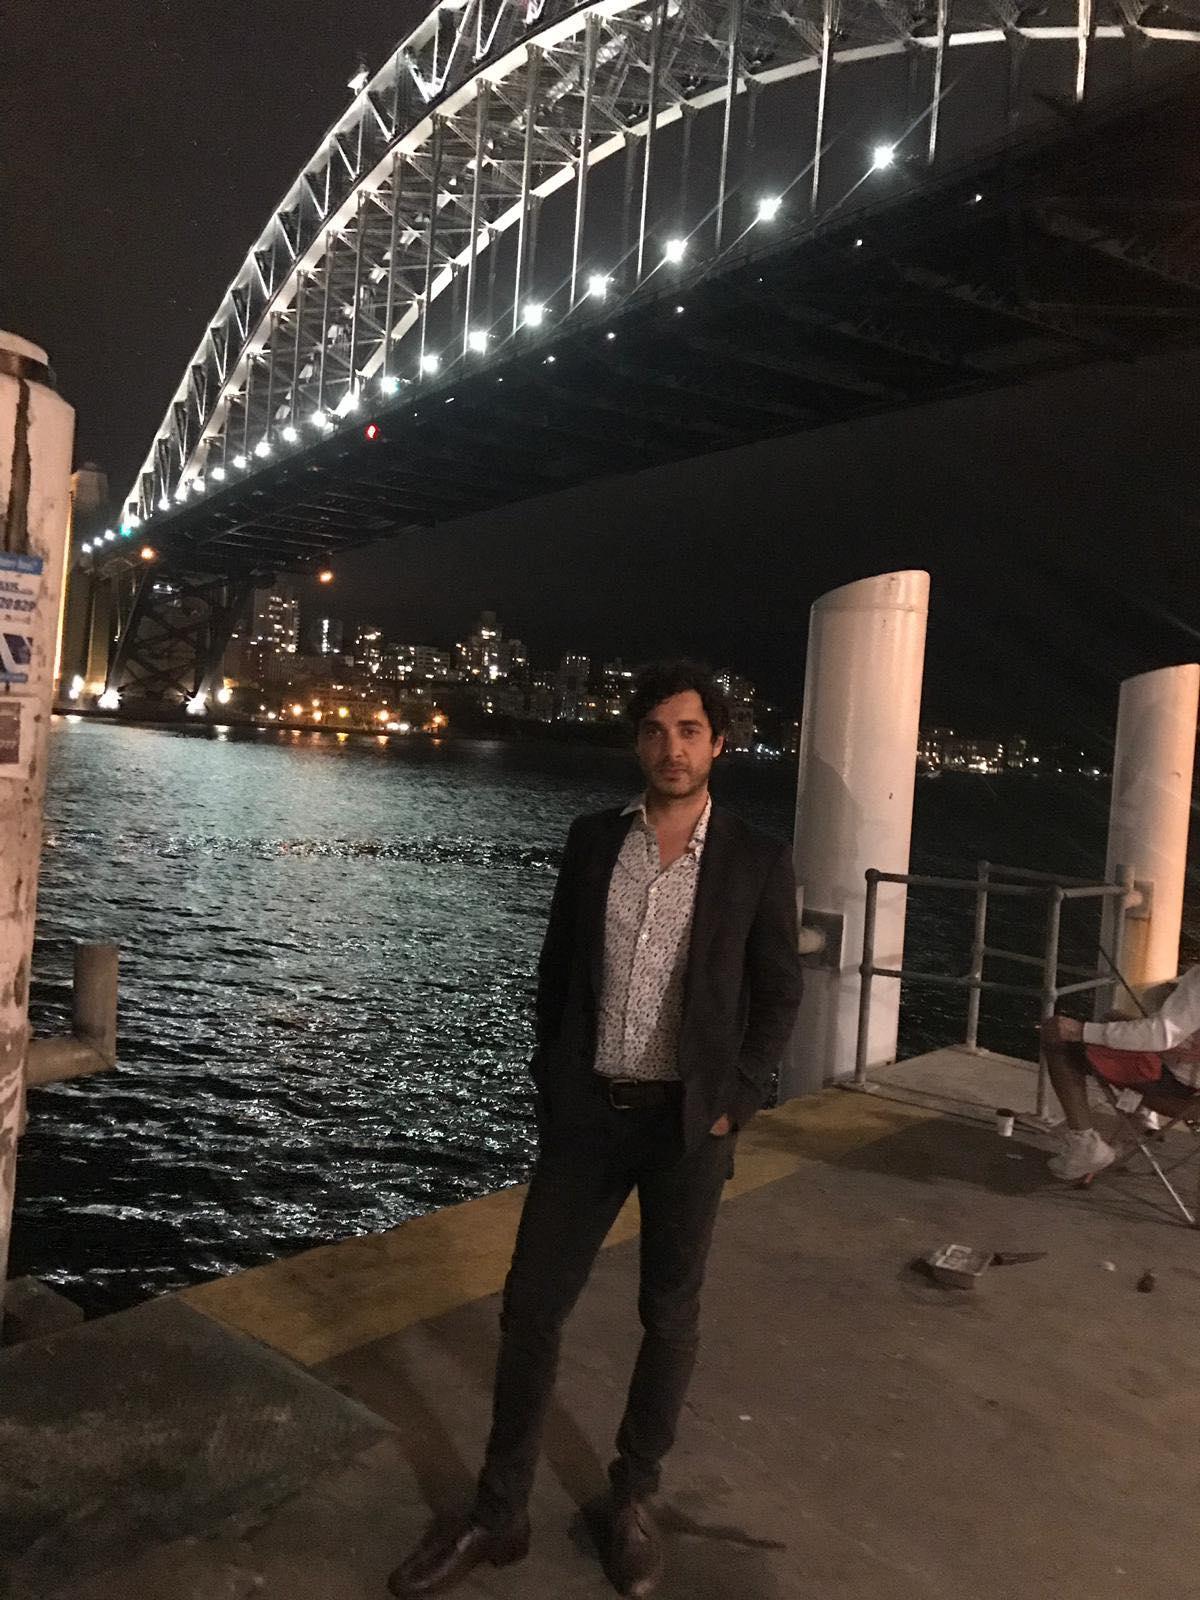 STORIE DAL MONDO – Mauro, il bancario mancato che fa piadine a Sydney e sogna l'Asia